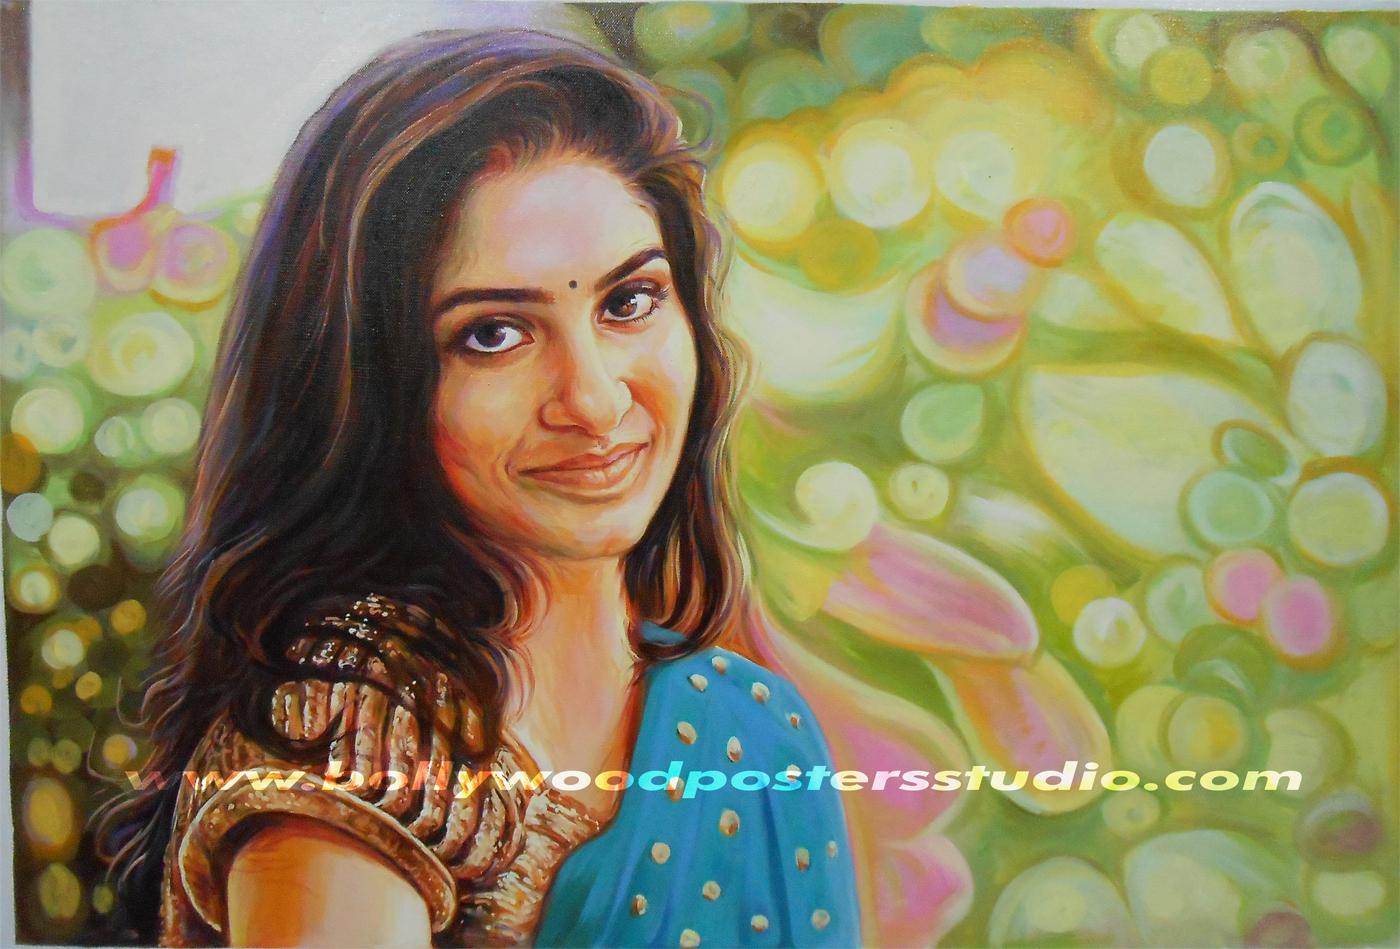 hand painting portraits online mumbai, india